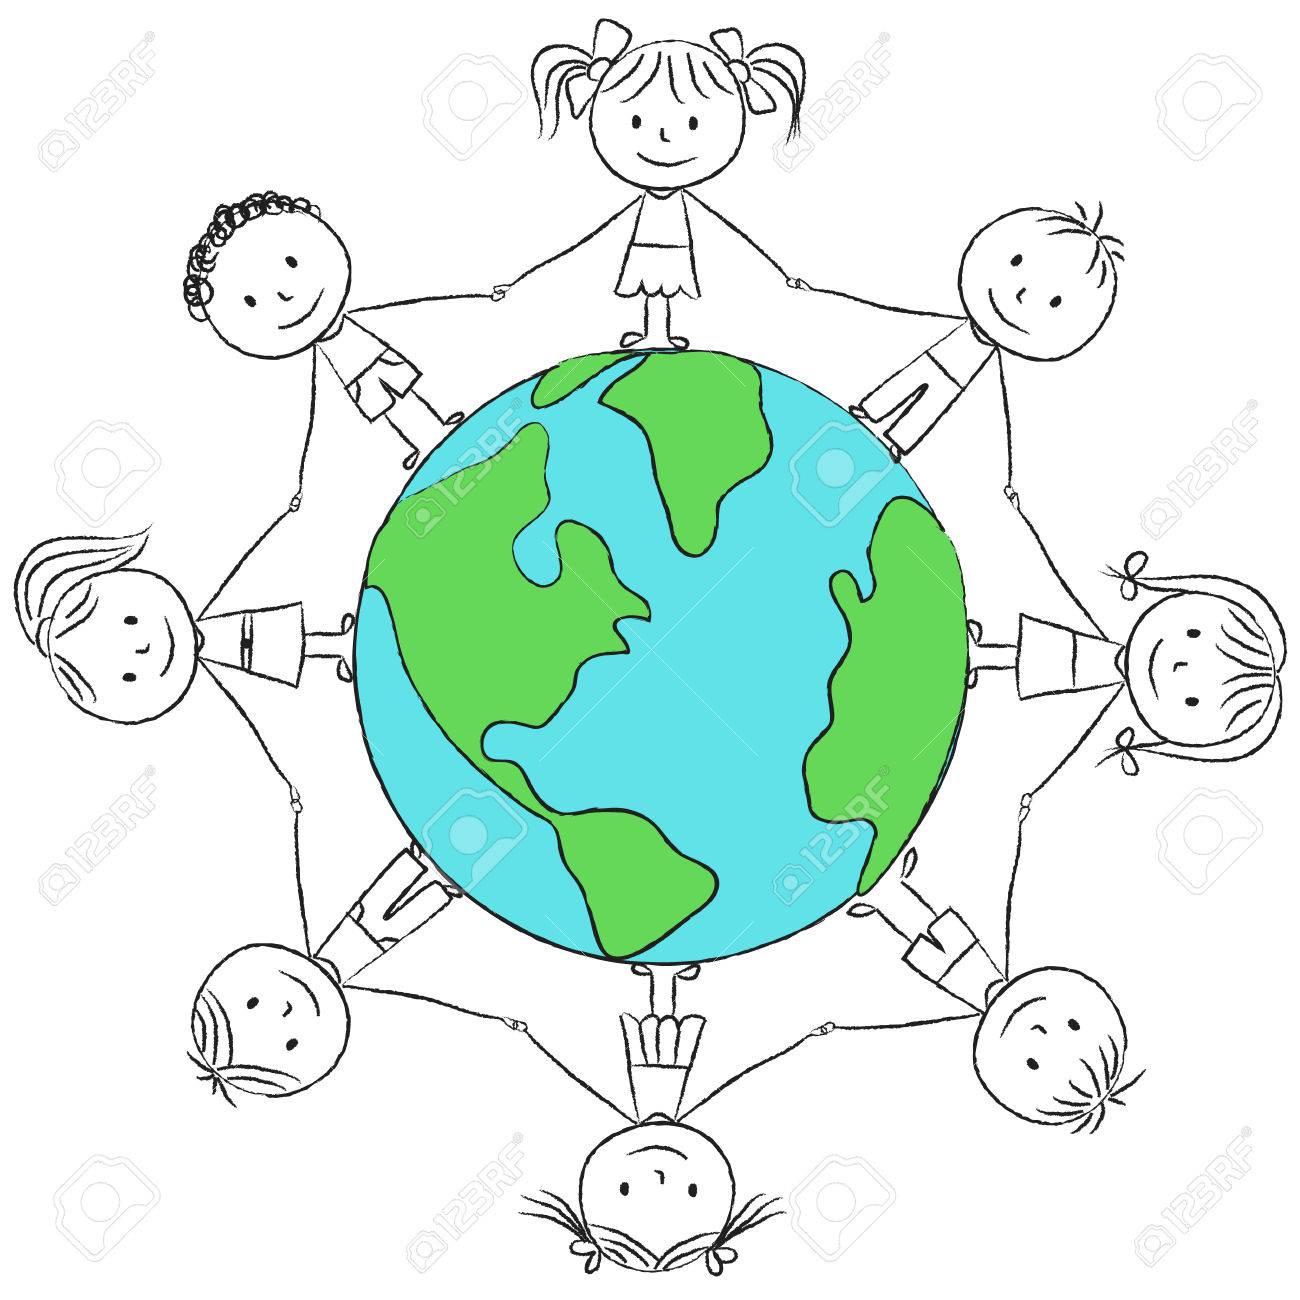 Illustration D Enfants Autour De La Planete Dessin A La Craie Clip Art Libres De Droits Vecteurs Et Illustration Image 27449853